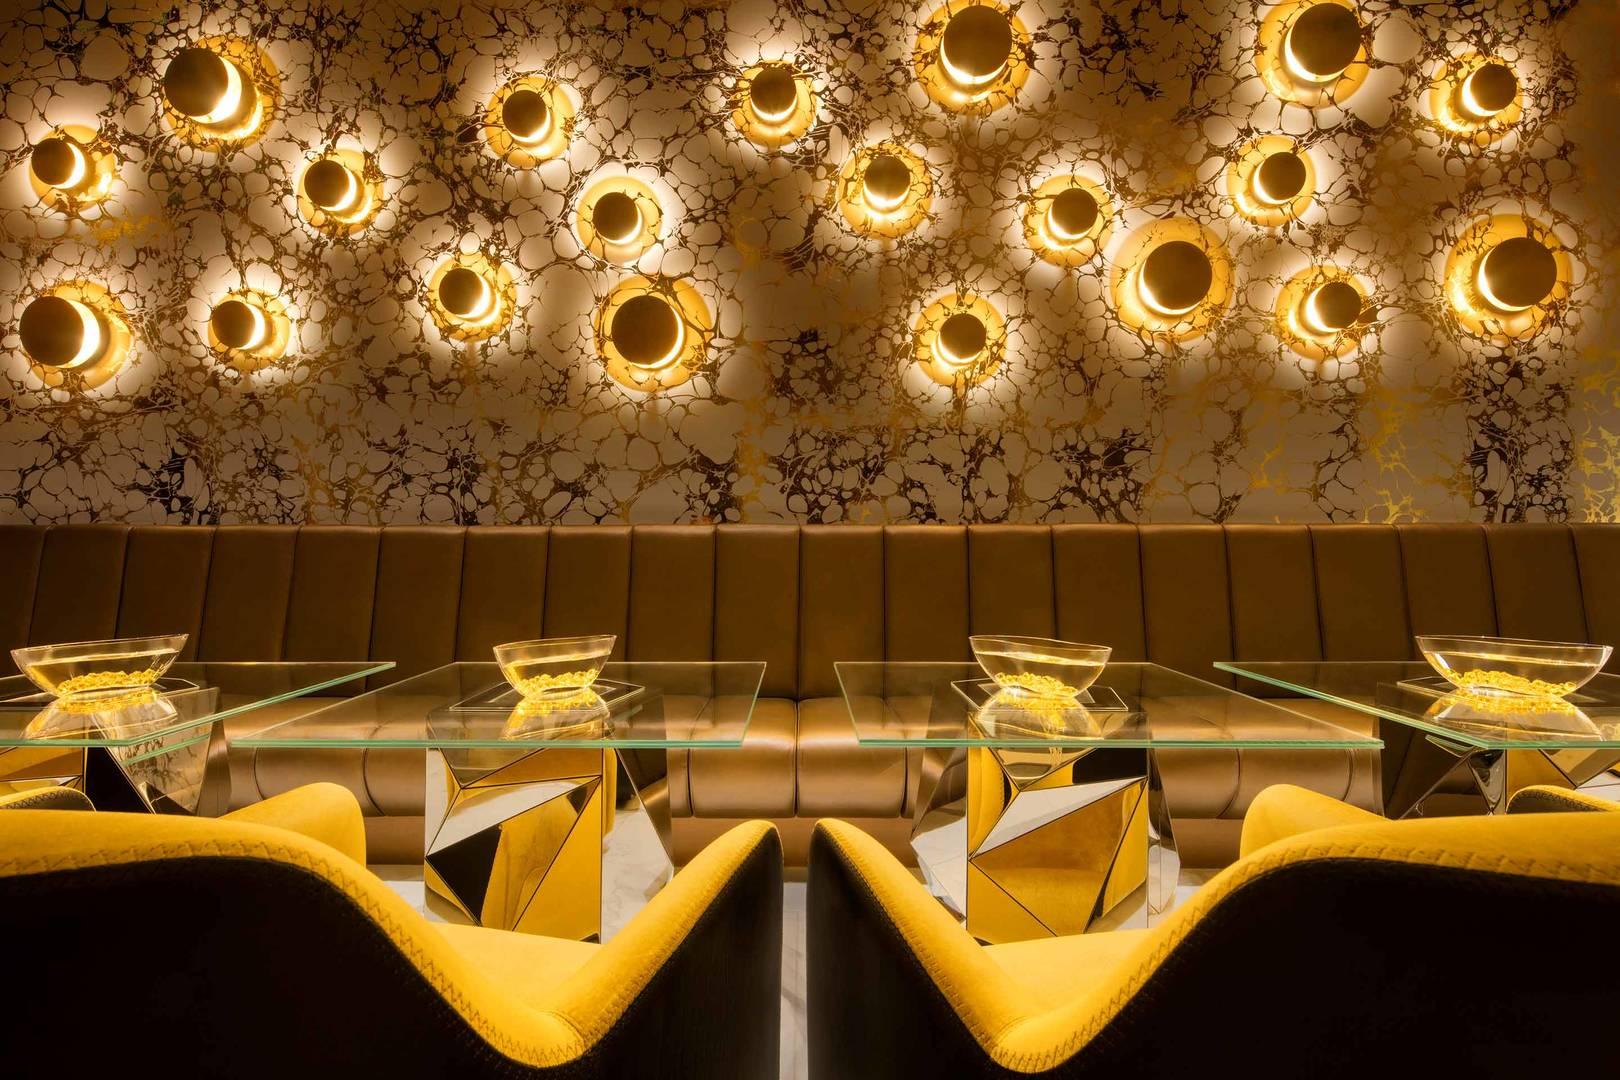 https://cdn.jumeirah.com/-/mediadh/DH/Hospitality/Jumeirah/Restaurants/Dubai/Burj-Al-Arab-Gold-on-27/Restaurant-Gallery/Burj-Al-Arab-Jumeirah-Gold-On-27-Interior_6-4.jpg?h=1080&w=1620&hash=FBB1321365BA4700835145C2B4401A5F